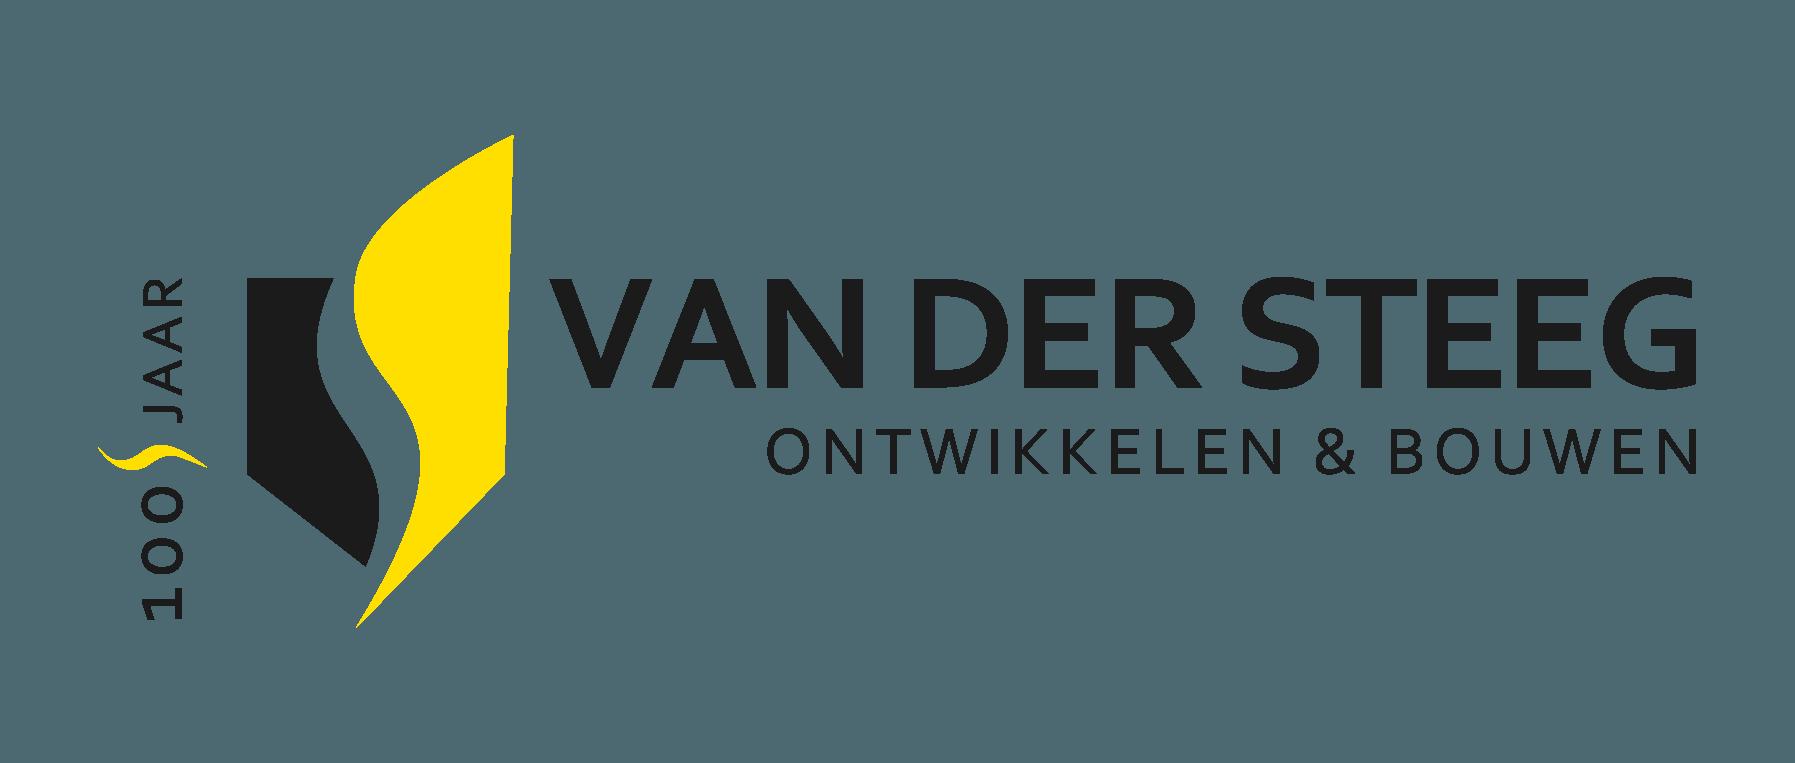 Van der Steeg